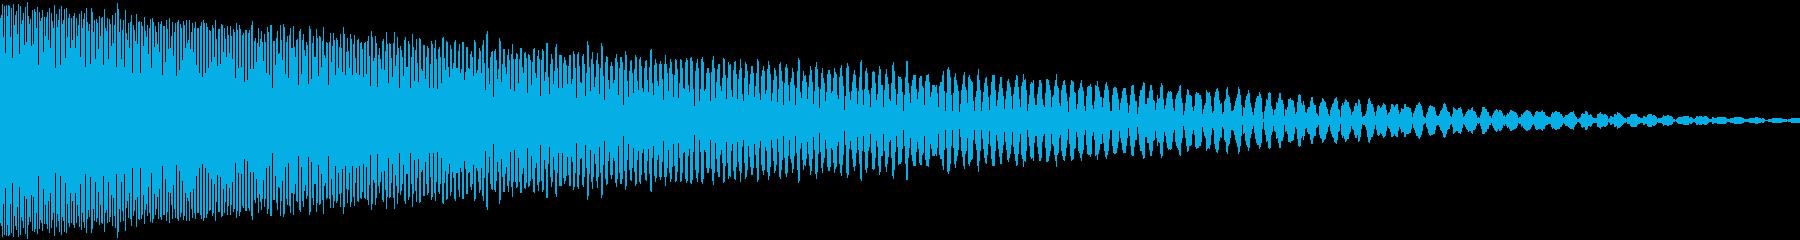 弾を撃つ(ショット) ピュウの再生済みの波形